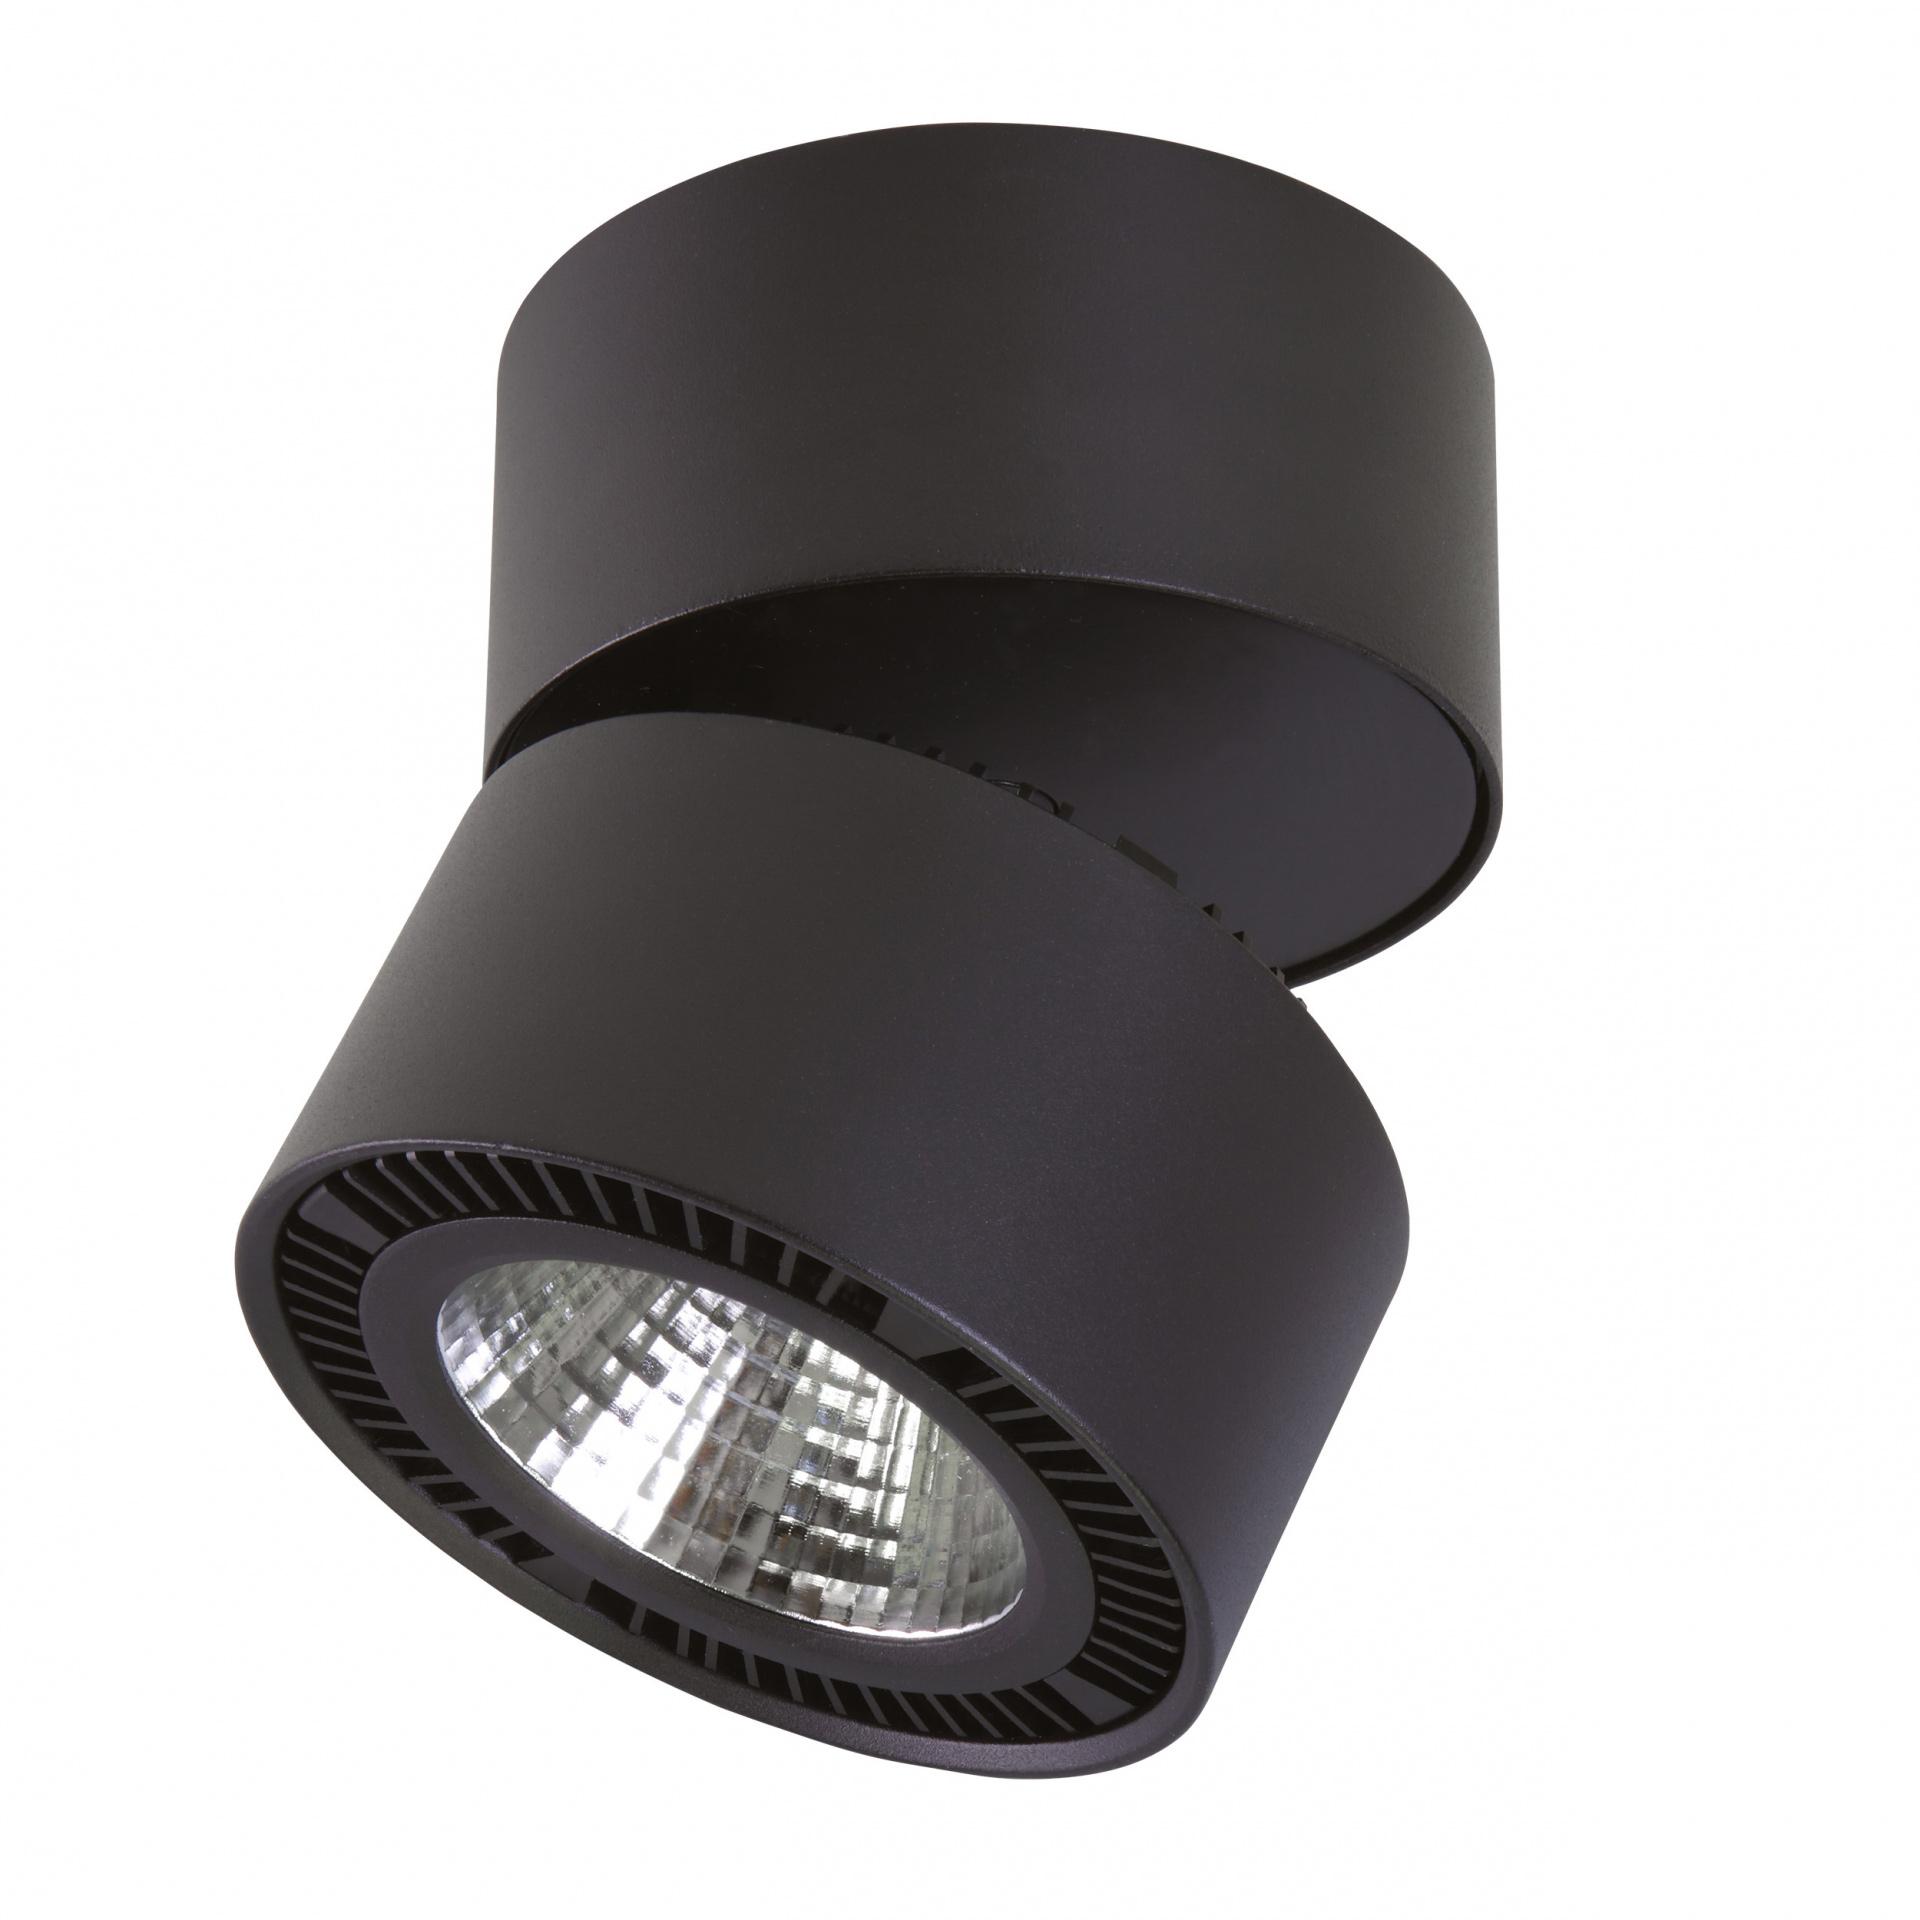 Светильник Forte Muro LED 40W 3400LM 30G черный 4000K Lightstar 214857, купить в СПб, Москве, с доставкой, Санкт-Петербург, интернет-магазин люстр и светильников Starlight, фото в жизни